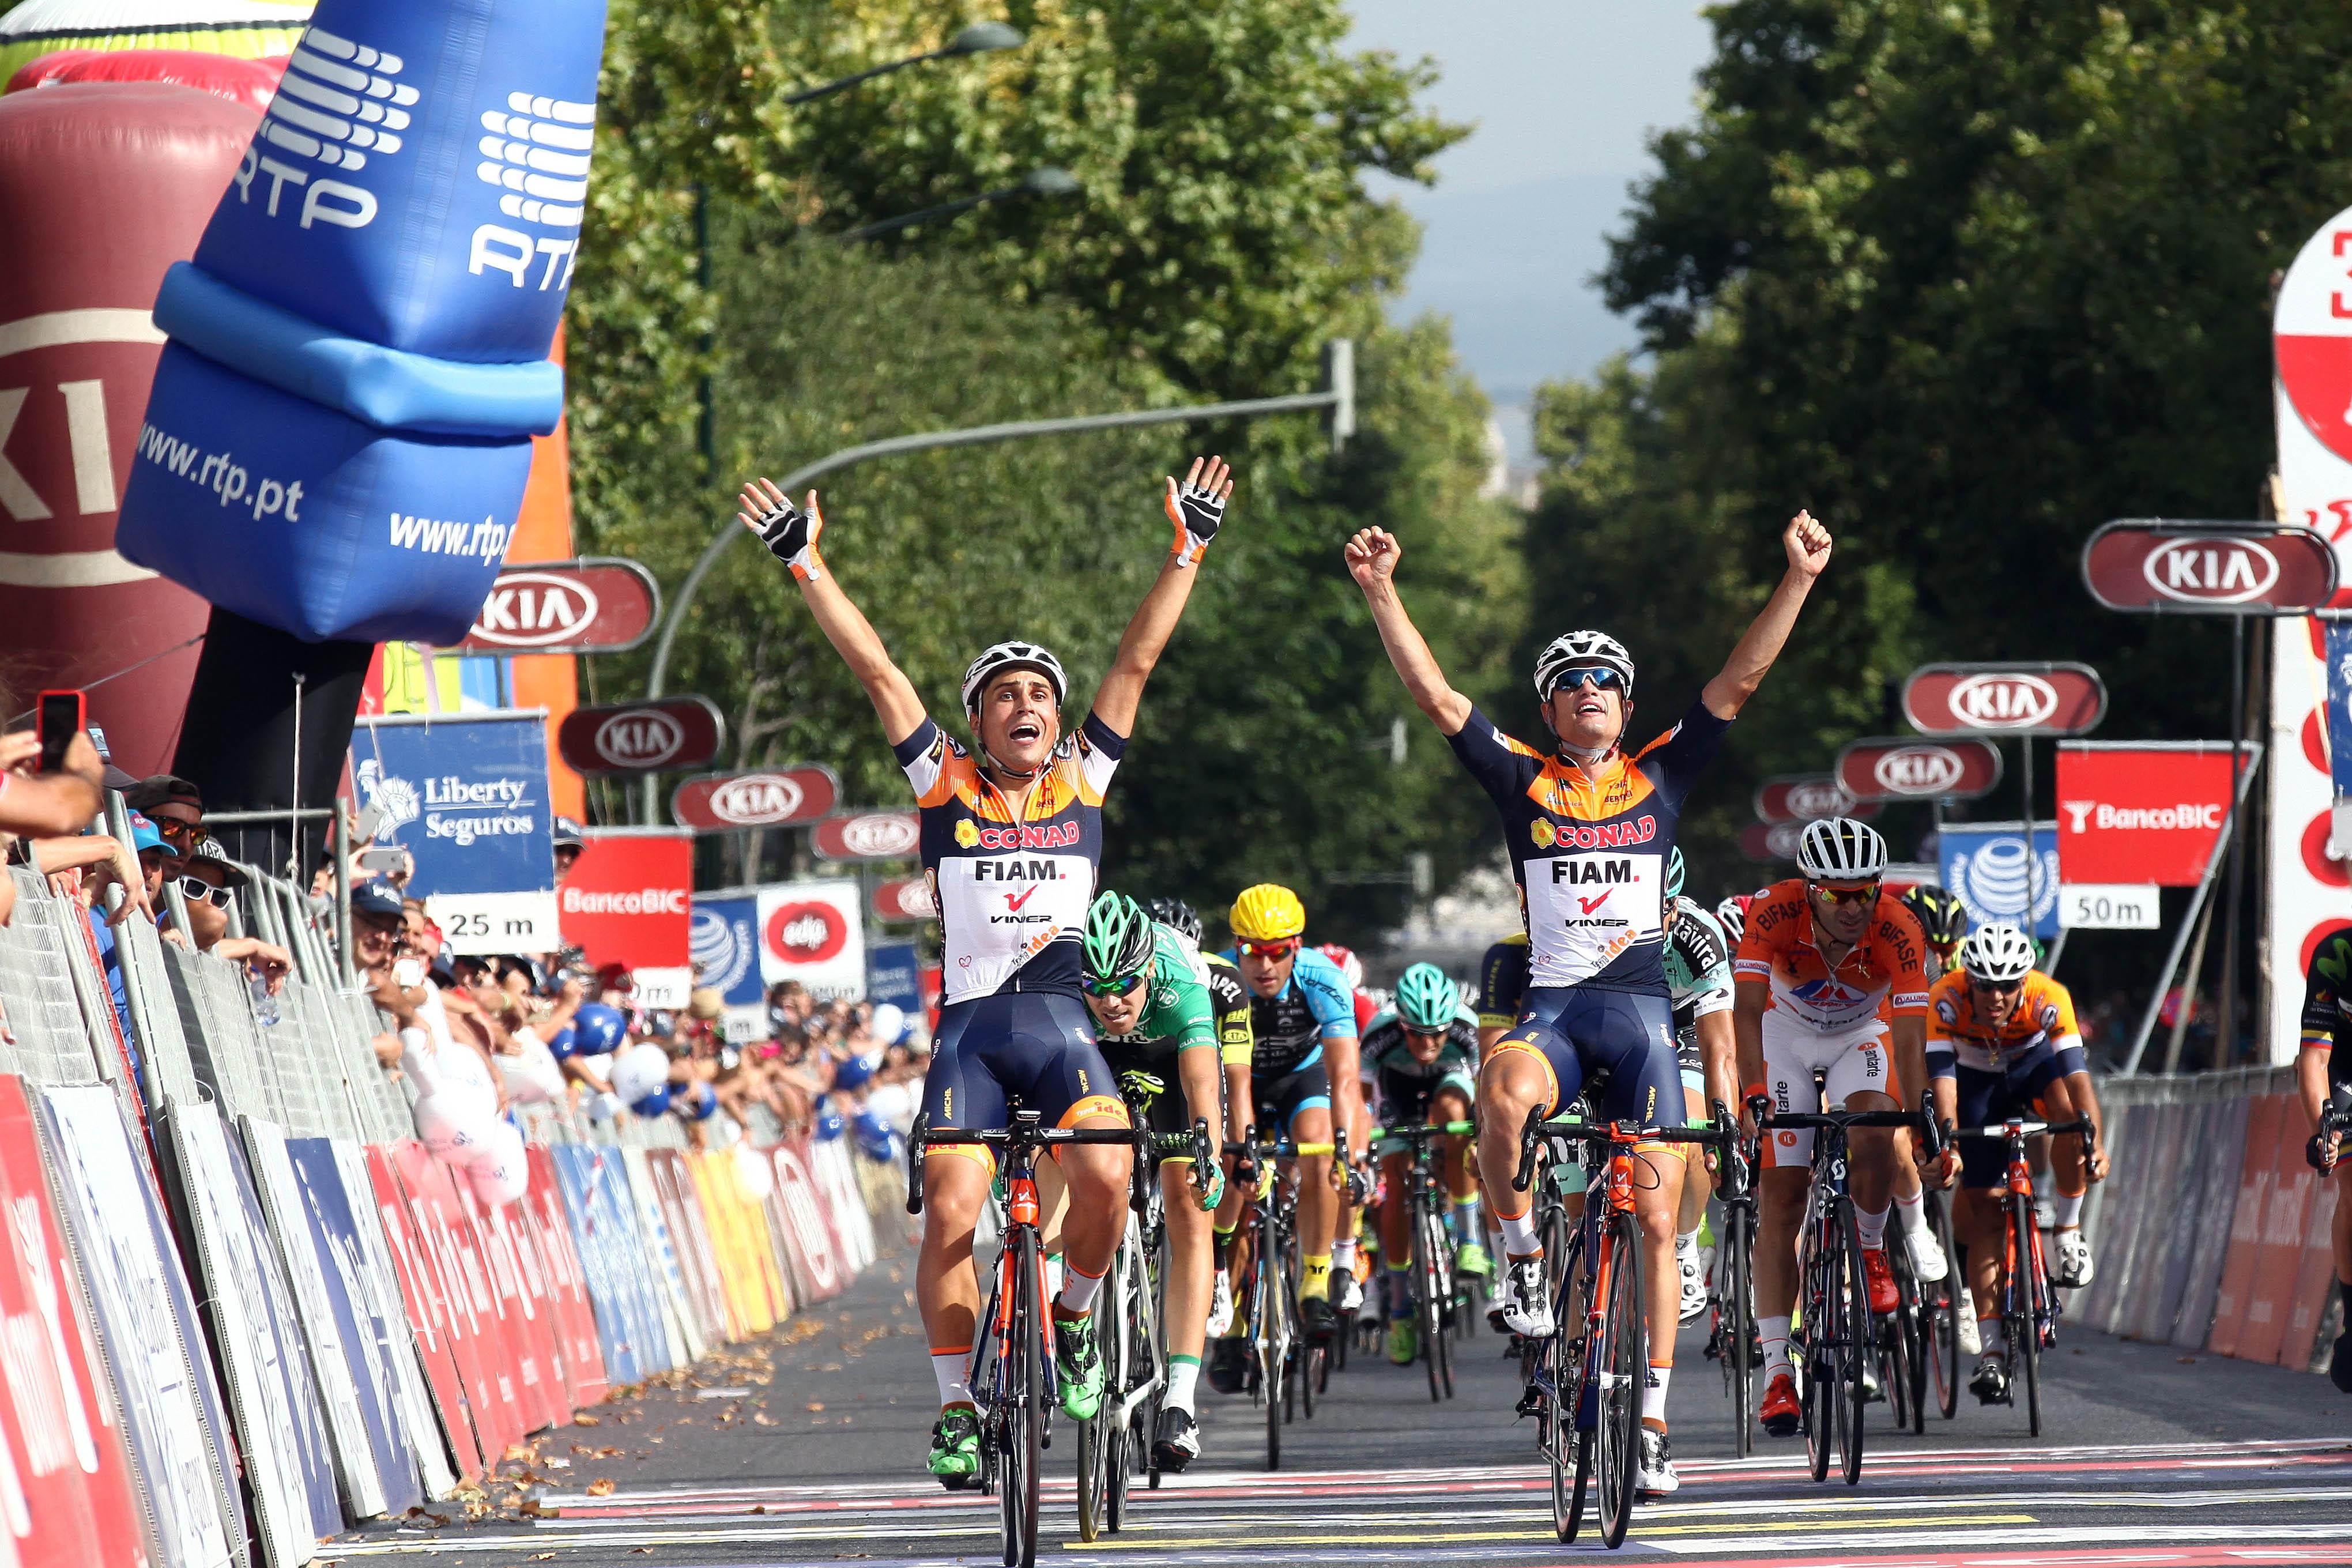 ... Volta a Portugal. Os italianos Maluccelli e Vigano comemoram o sprint  vencedor da última etapa em Lisboa 752f35a0e2417